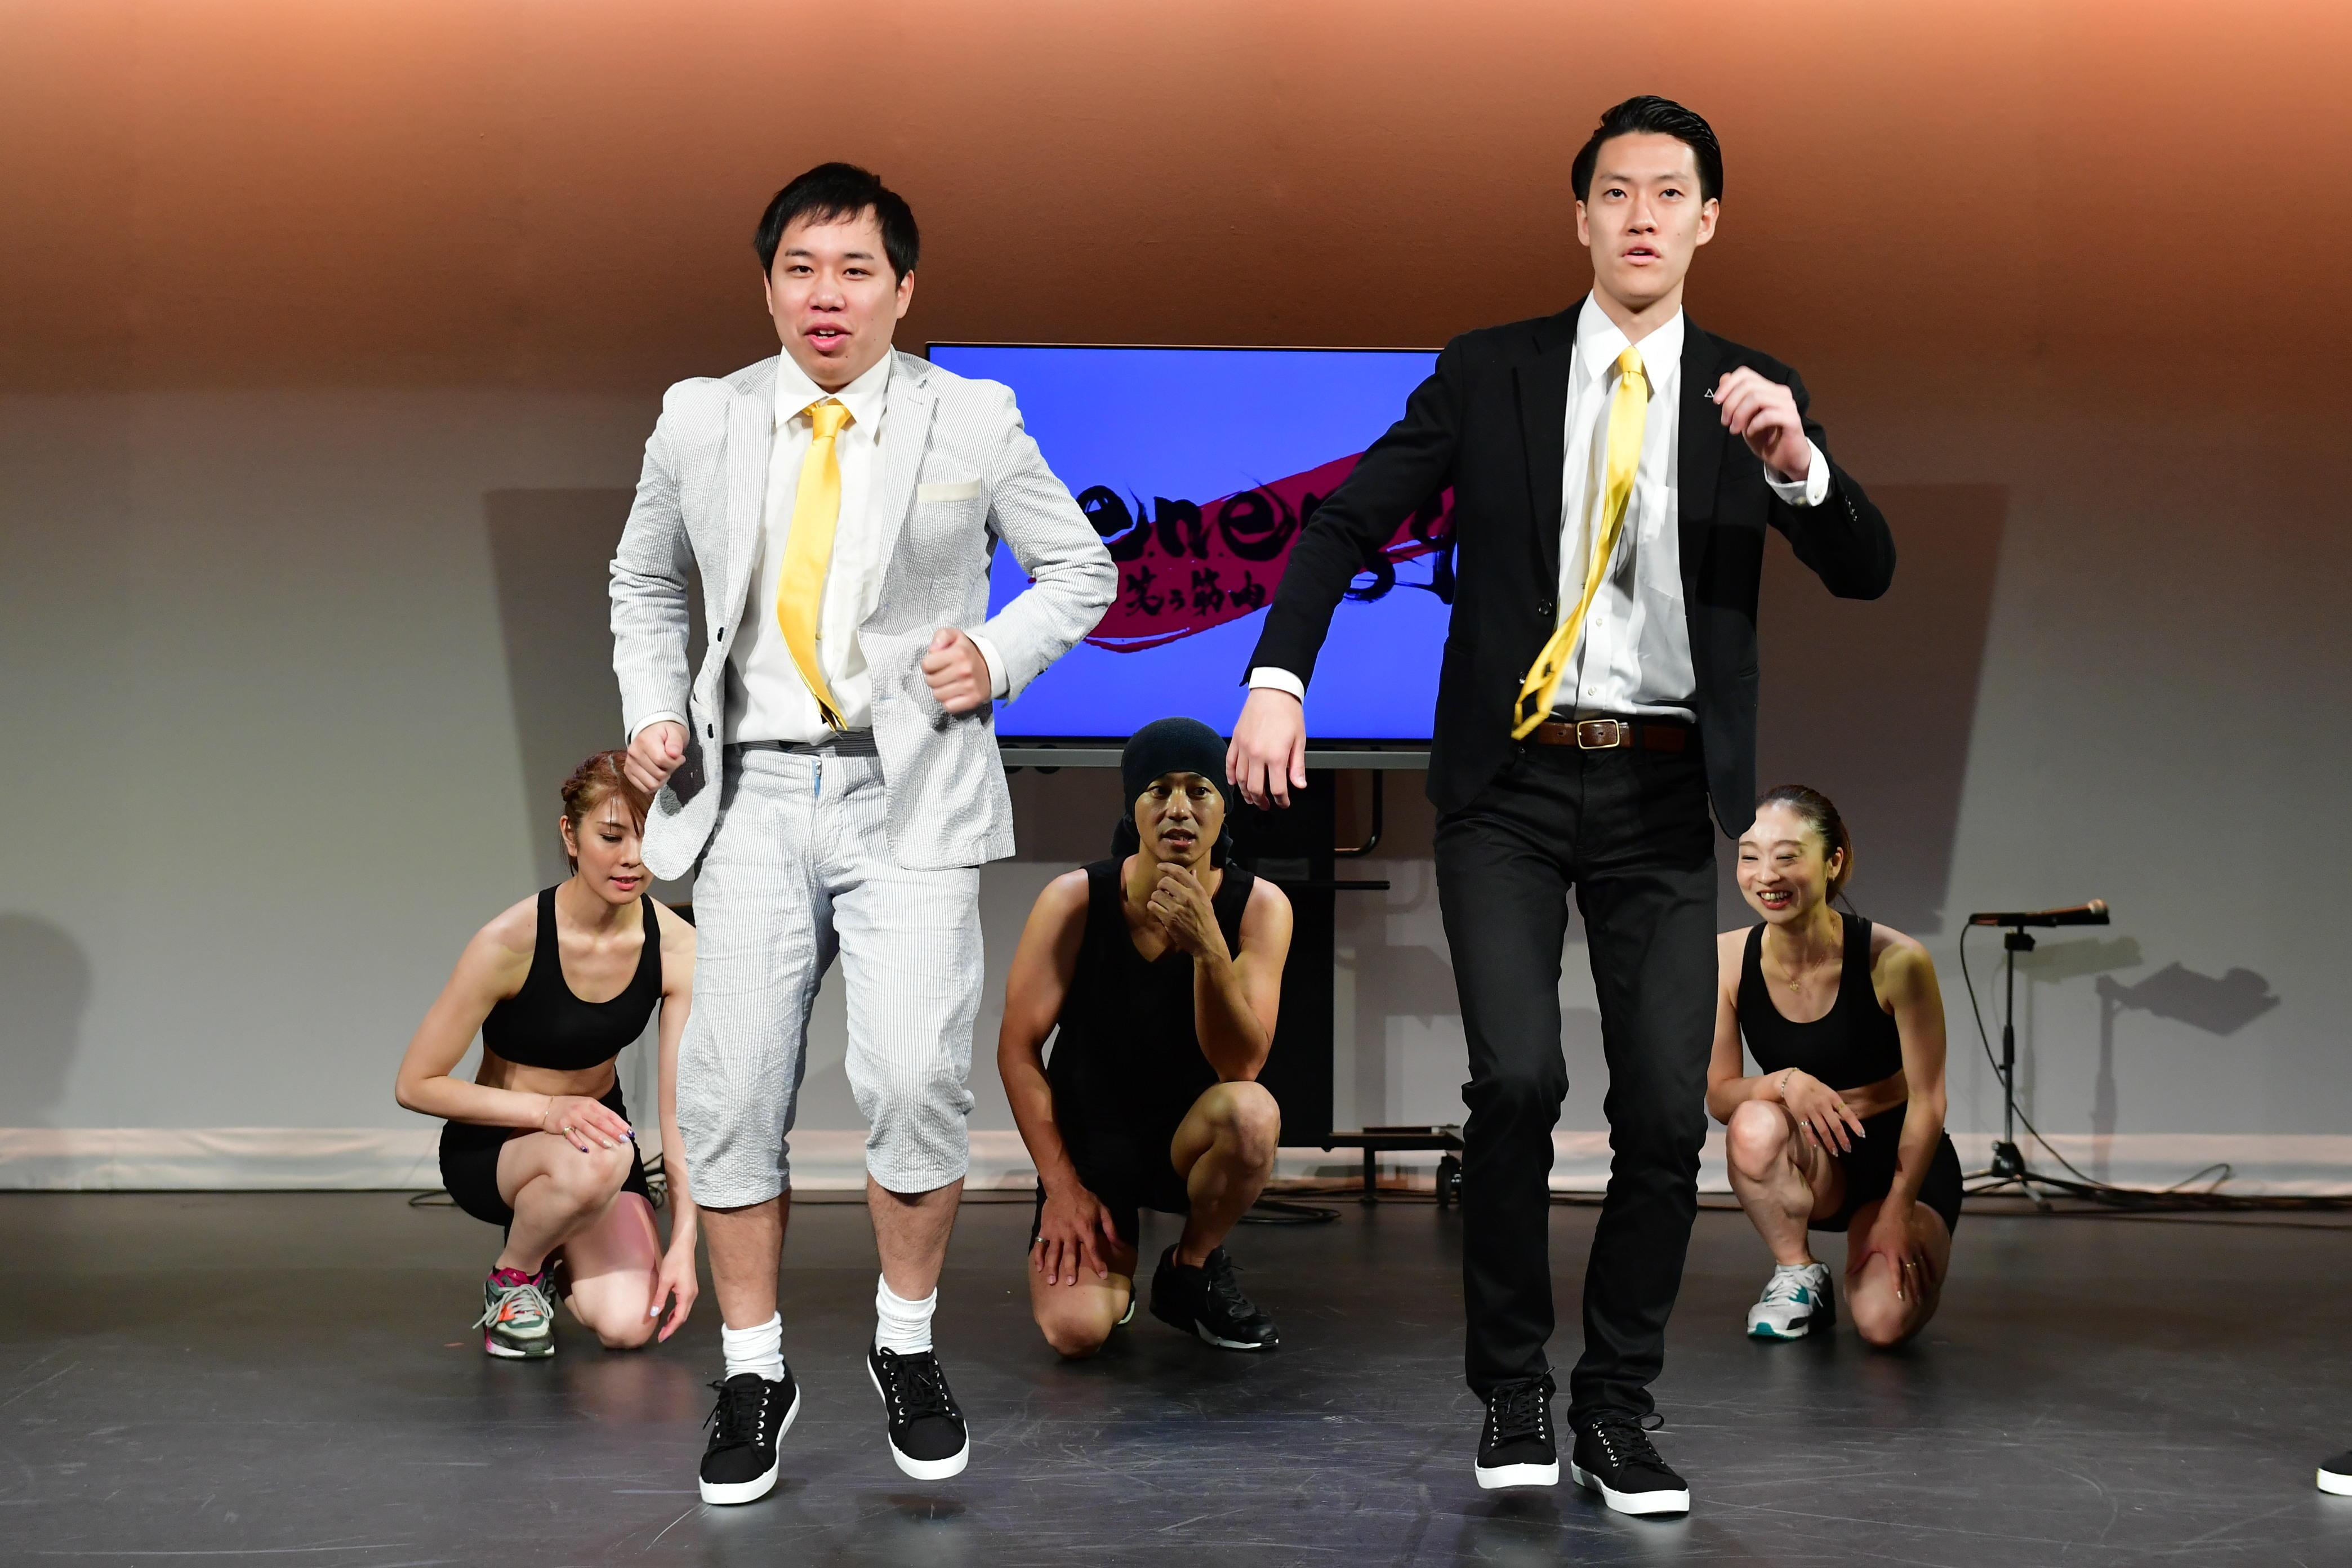 http://news.yoshimoto.co.jp/20181206205105-74631c2edb089c6ef5a65340a47c1bdac4814a40.jpg